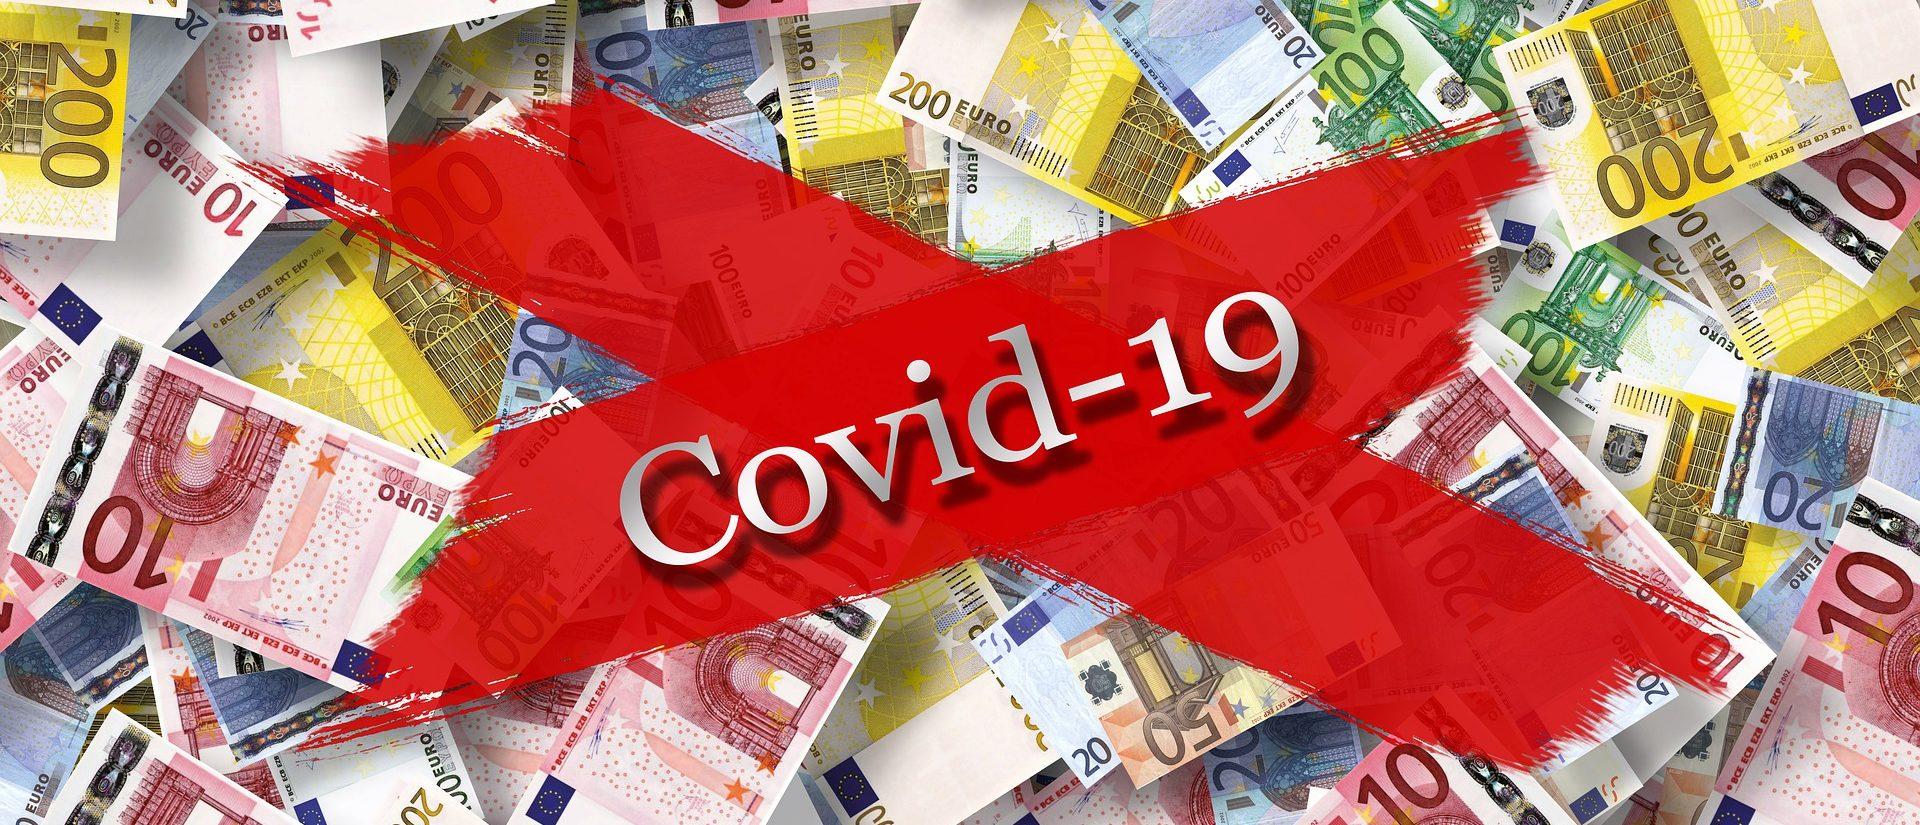 Geldscheine sind mit einem Kreuz durchgestrichen, auf dem Covid-19 steht